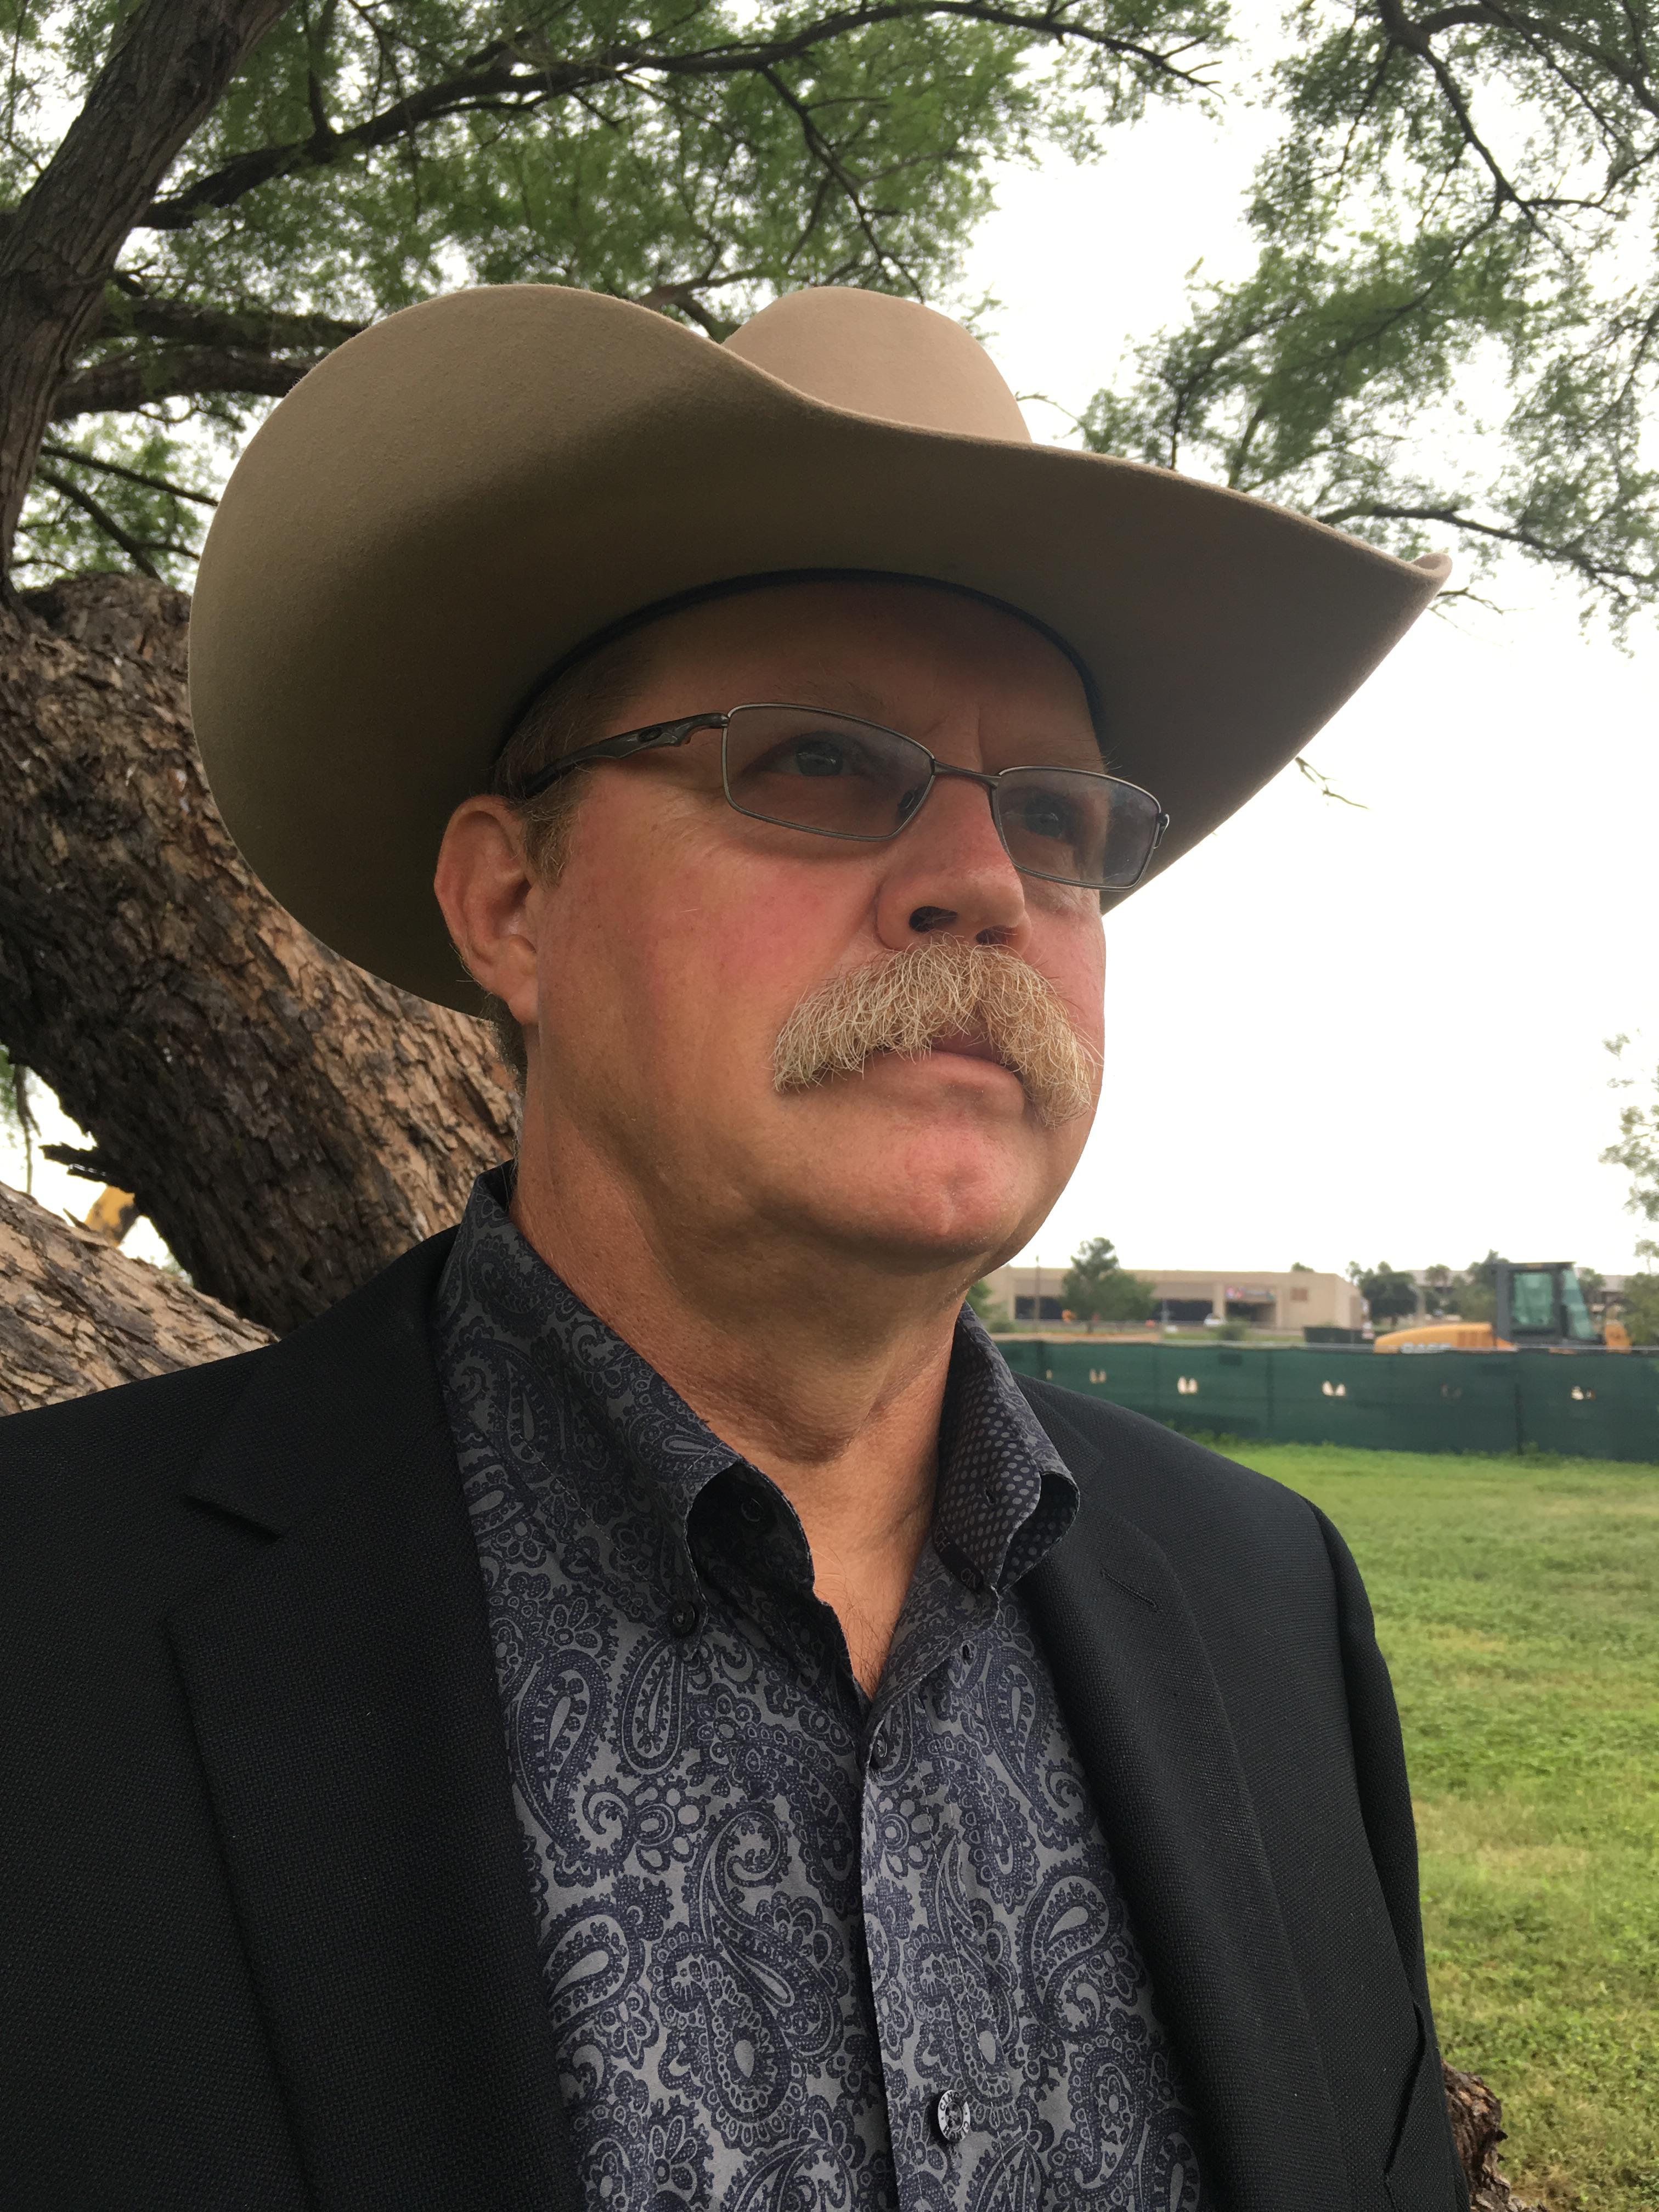 Sheriff_Brad_Coe_2.jpg